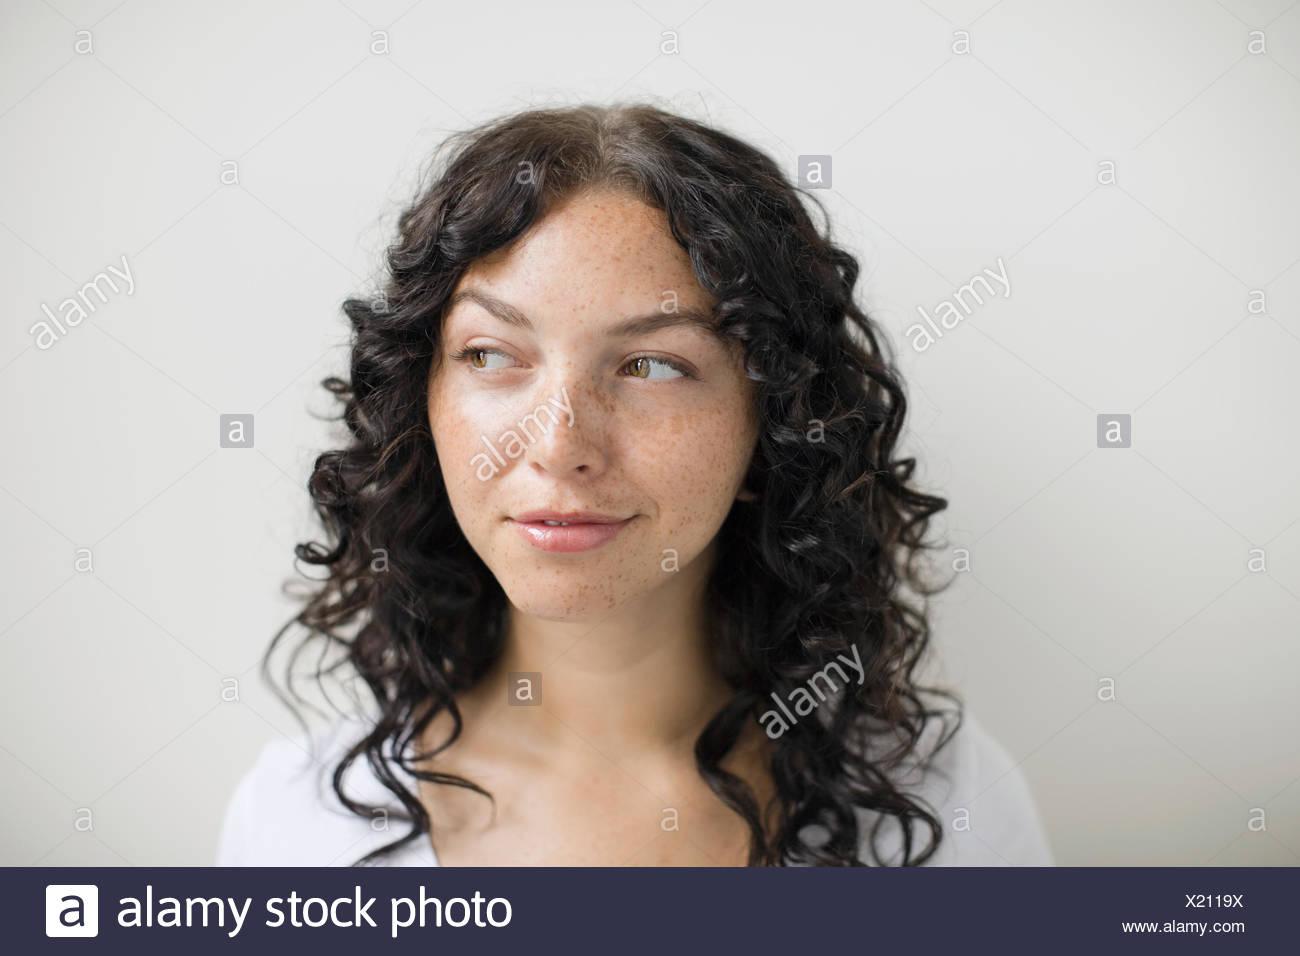 Nachdenkliche Frau mit Sommersprossen und lockiges schwarzes Haar Stockfoto